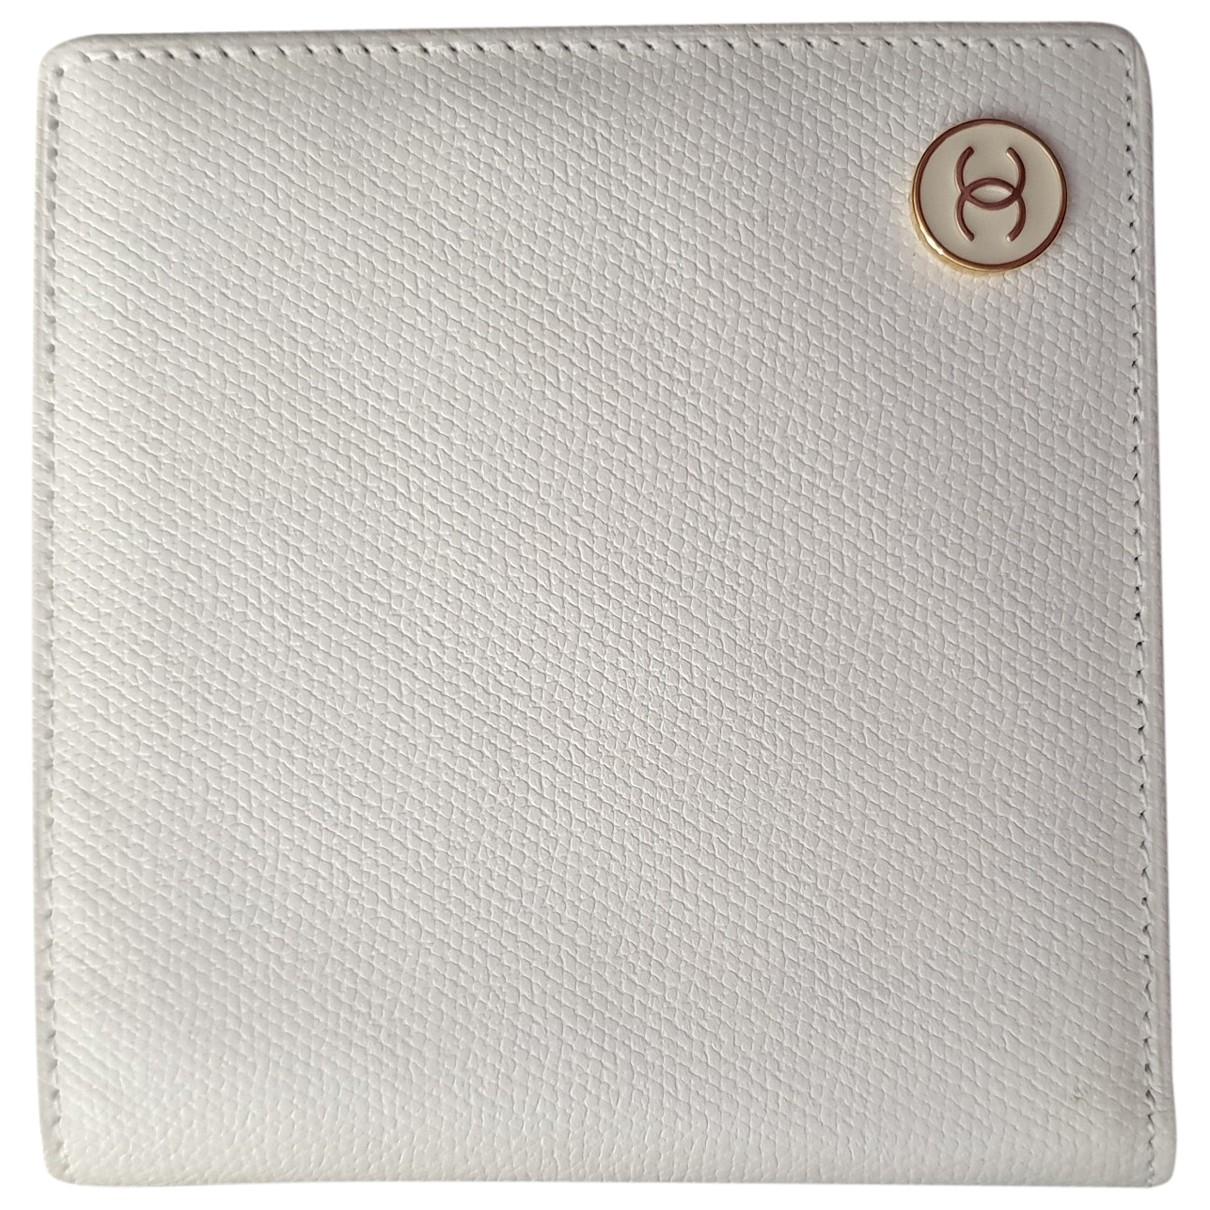 Chanel \N Ecru Leather wallet for Women \N